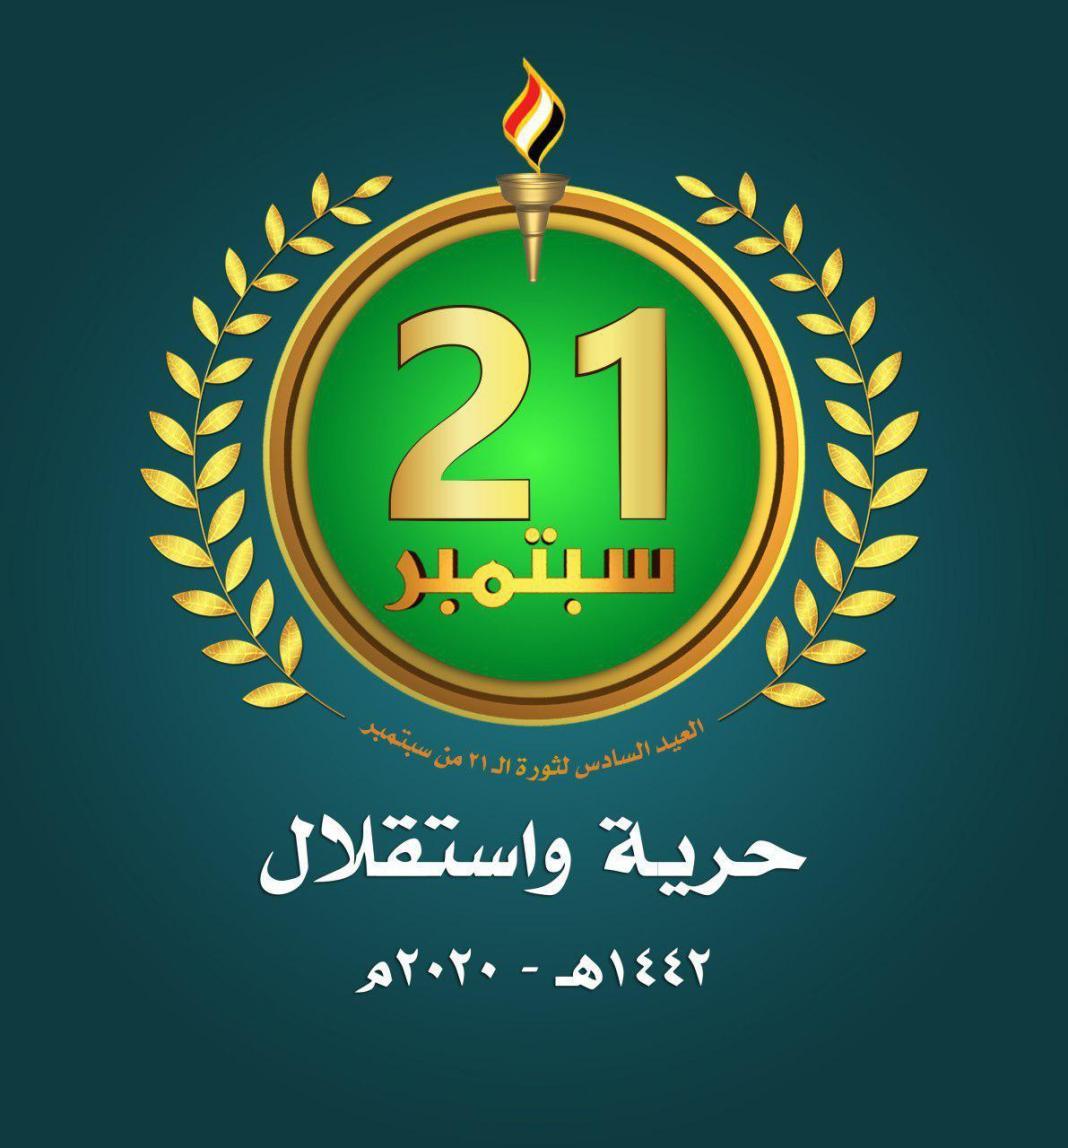 انطلاق حملة تغريدات مساء اليوم احتفاءً بالعيد السادس لثورة 21 سبتمبر